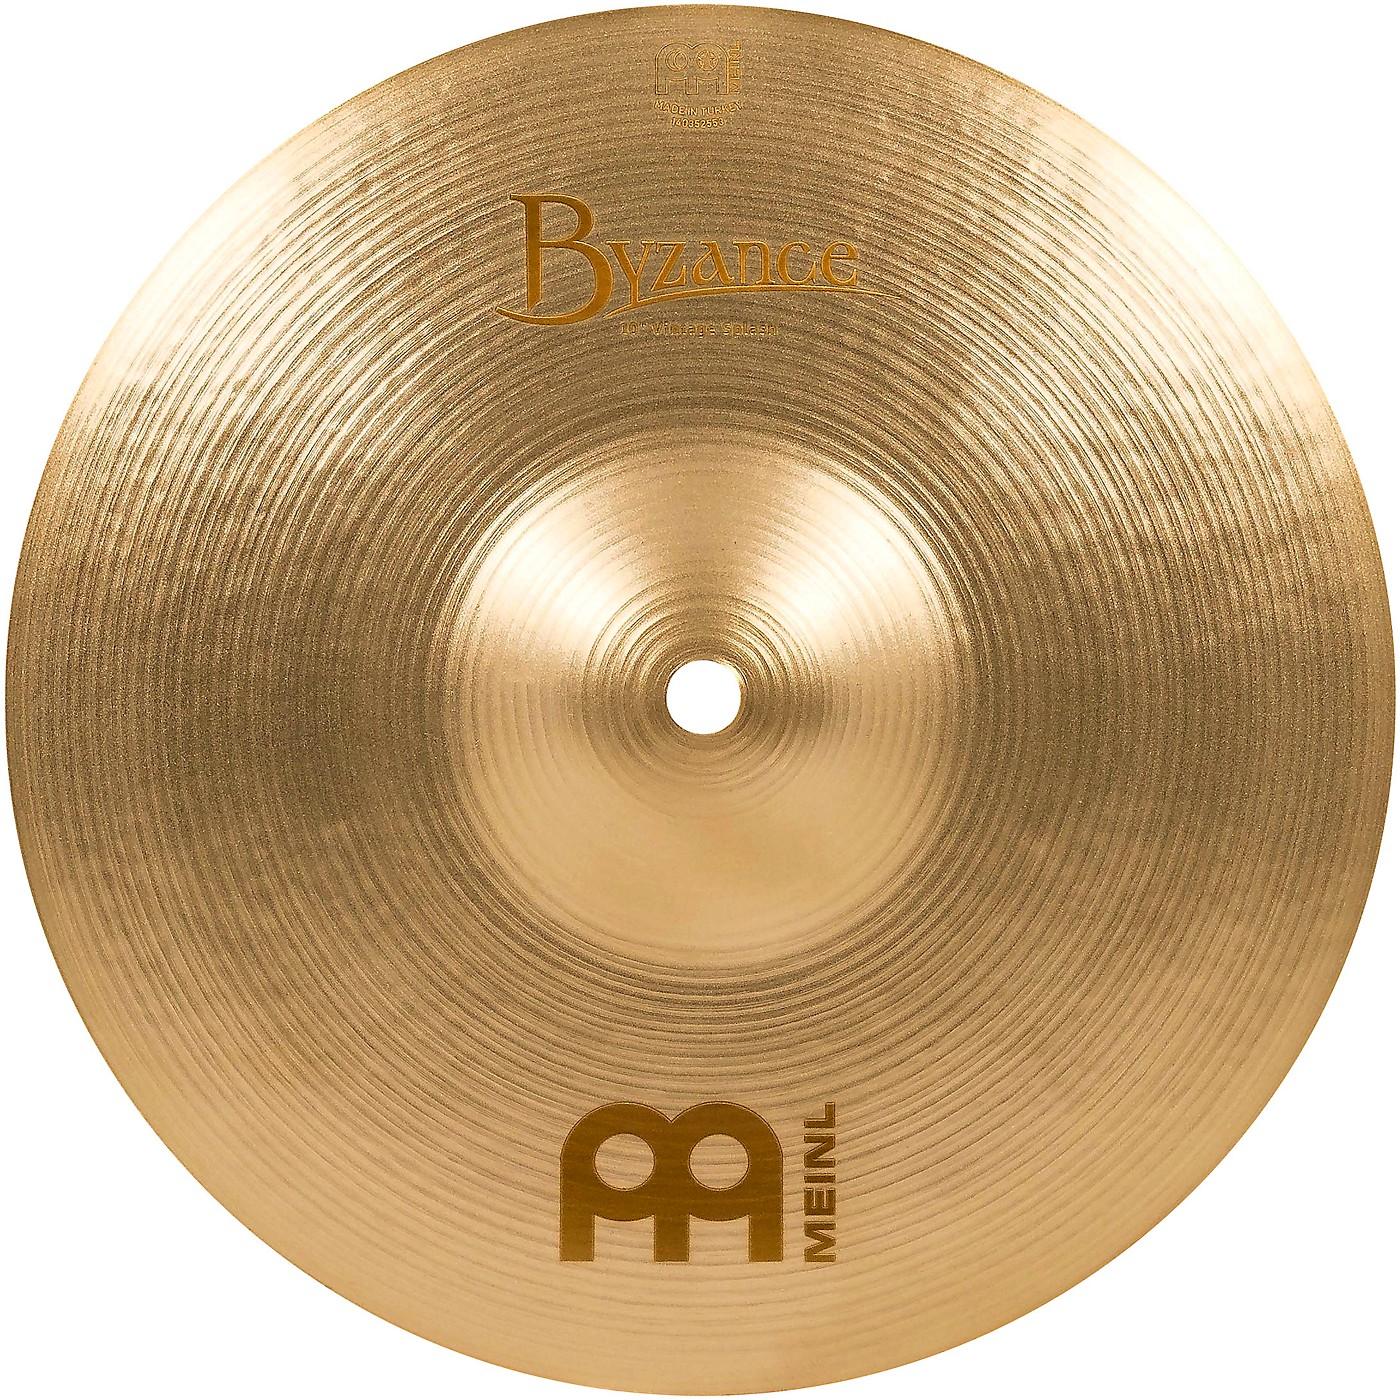 Meinl Byzance Vintage Splash Cymbal thumbnail